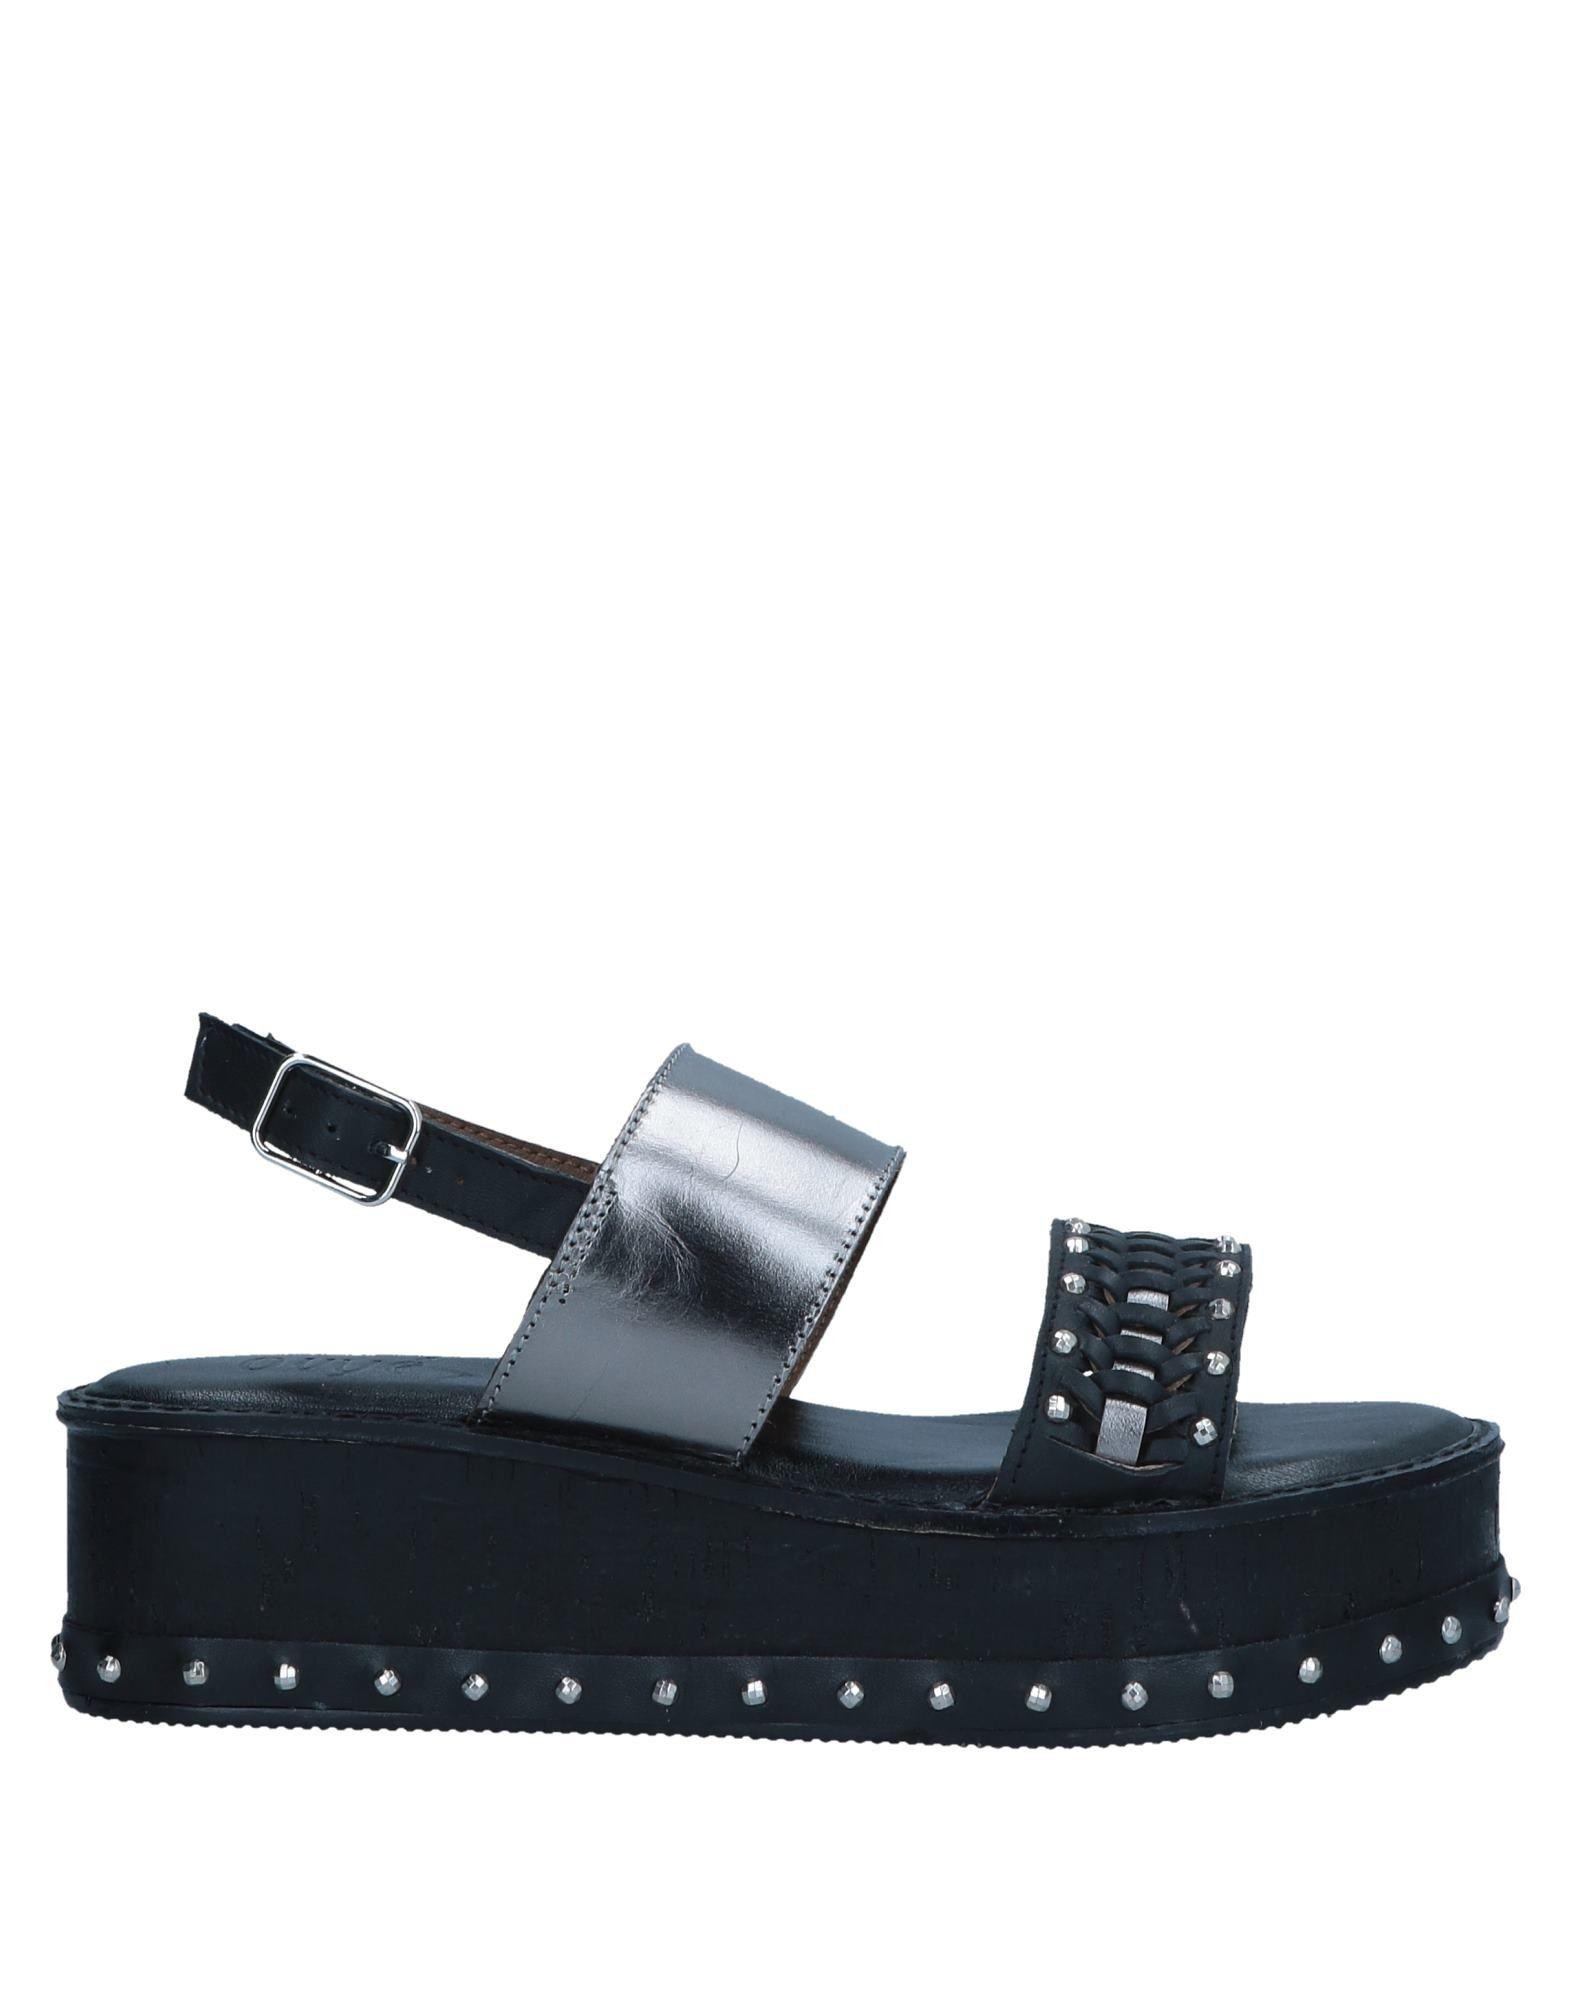 Ovye' Damen By Cristina Lucchi Sandalen Damen Ovye'  11564959XK Gute Qualität beliebte Schuhe 5a25a4